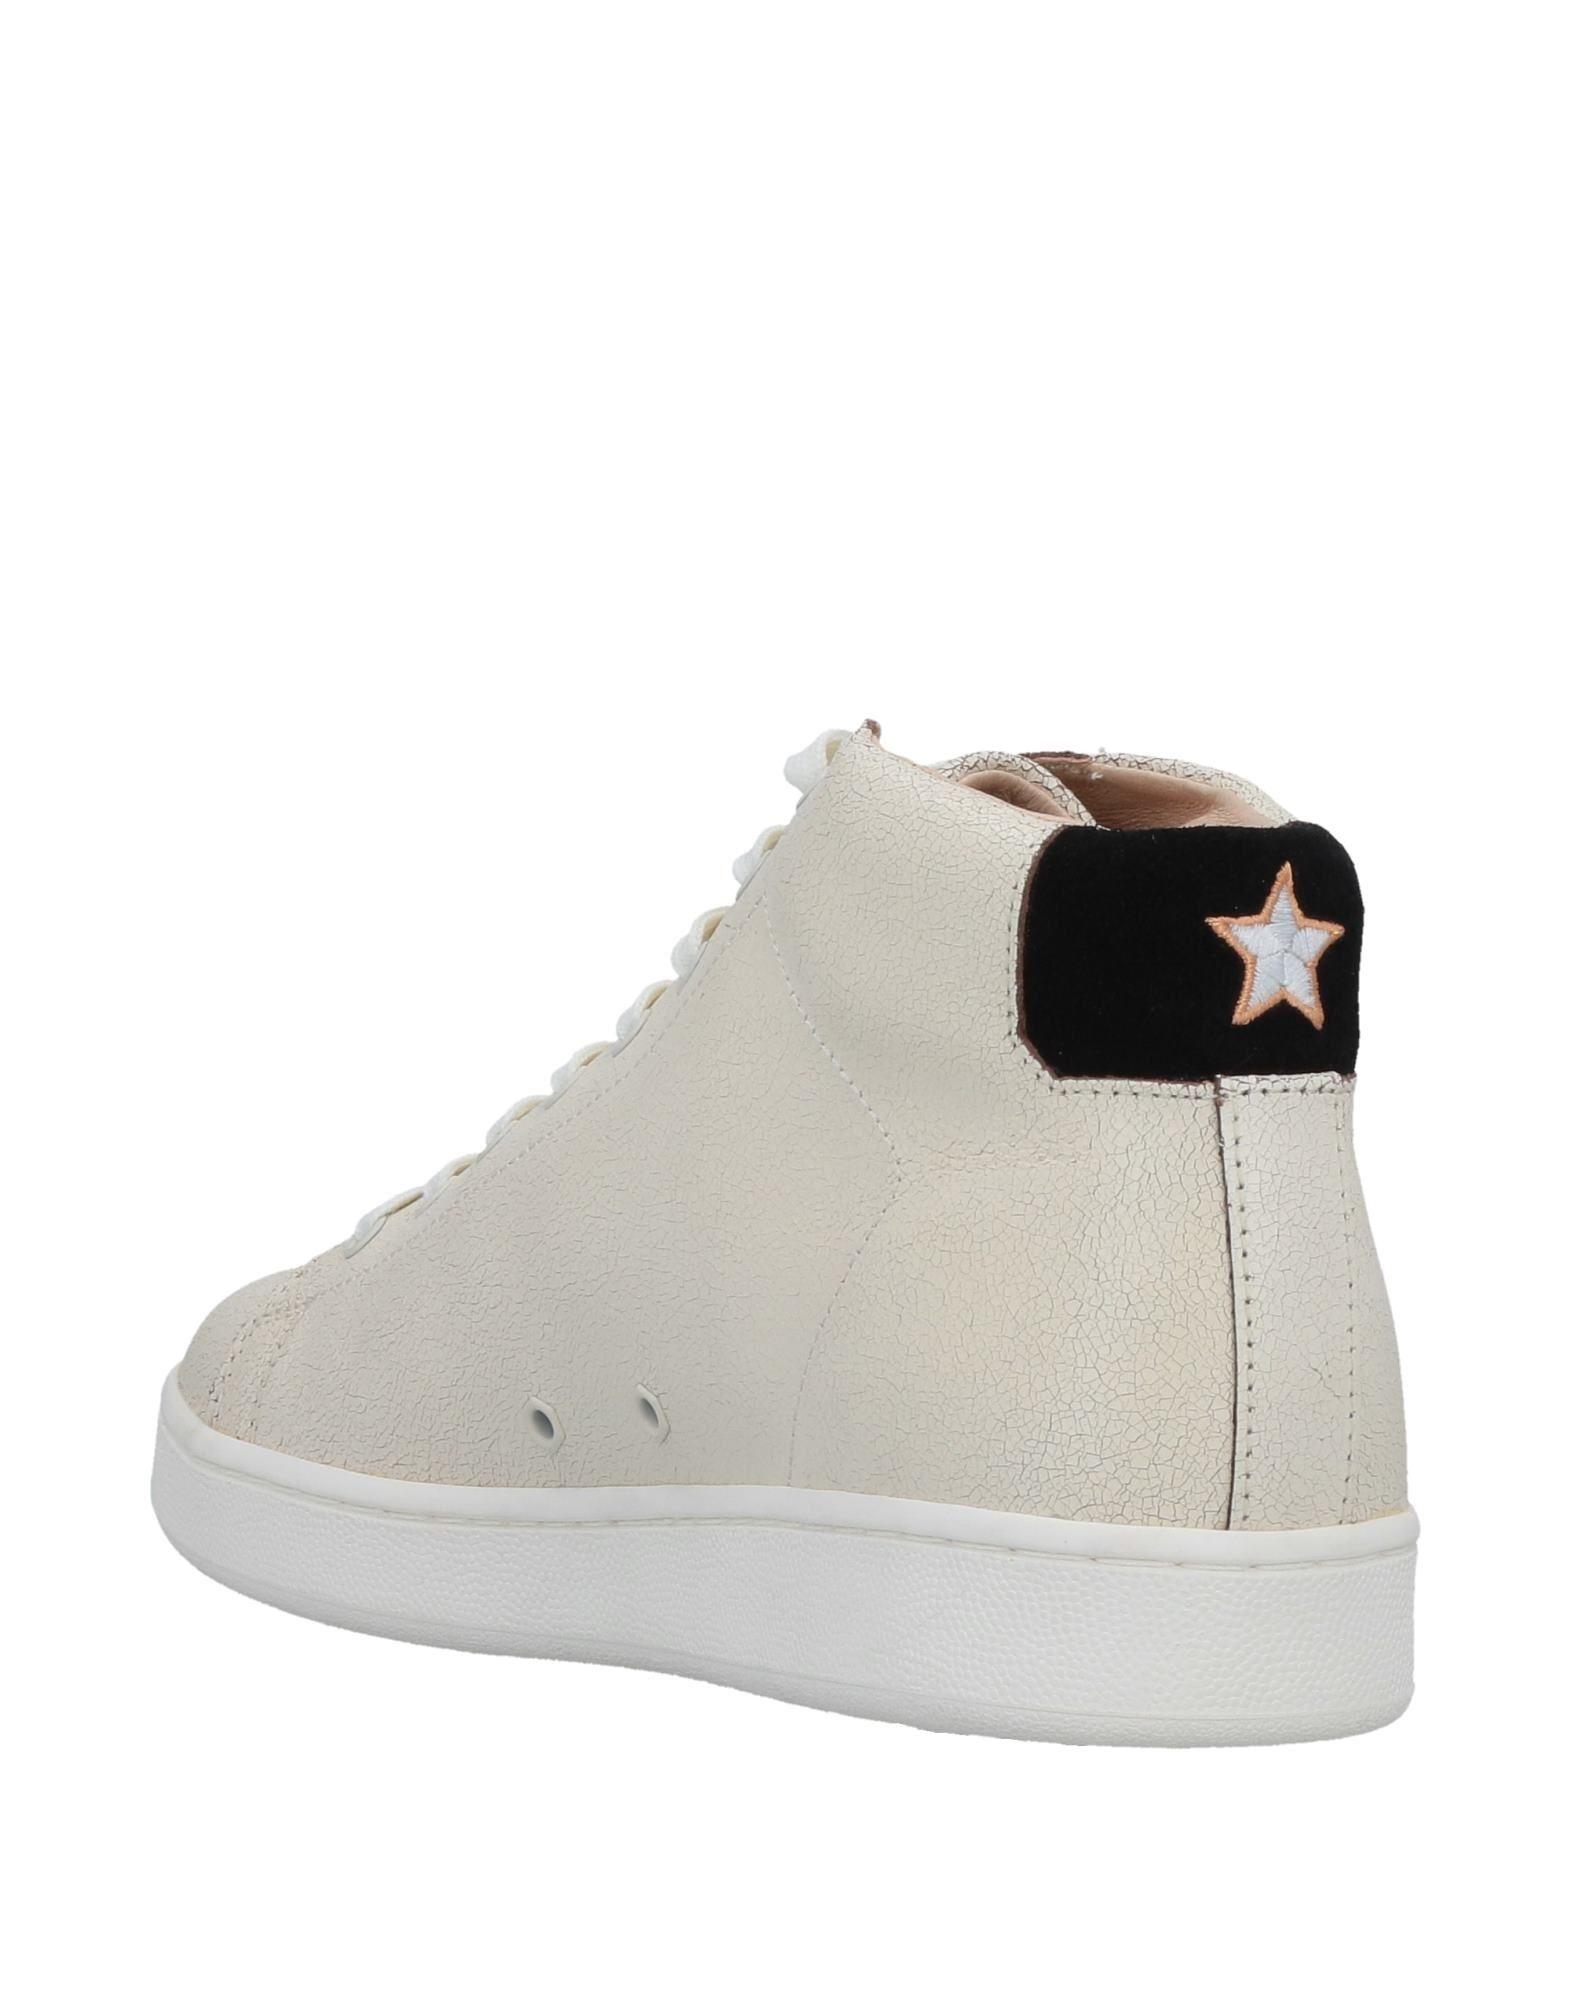 Rabatt echte  Schuhe Disney Sneakers Herren  echte 11510647JN b7a6c8